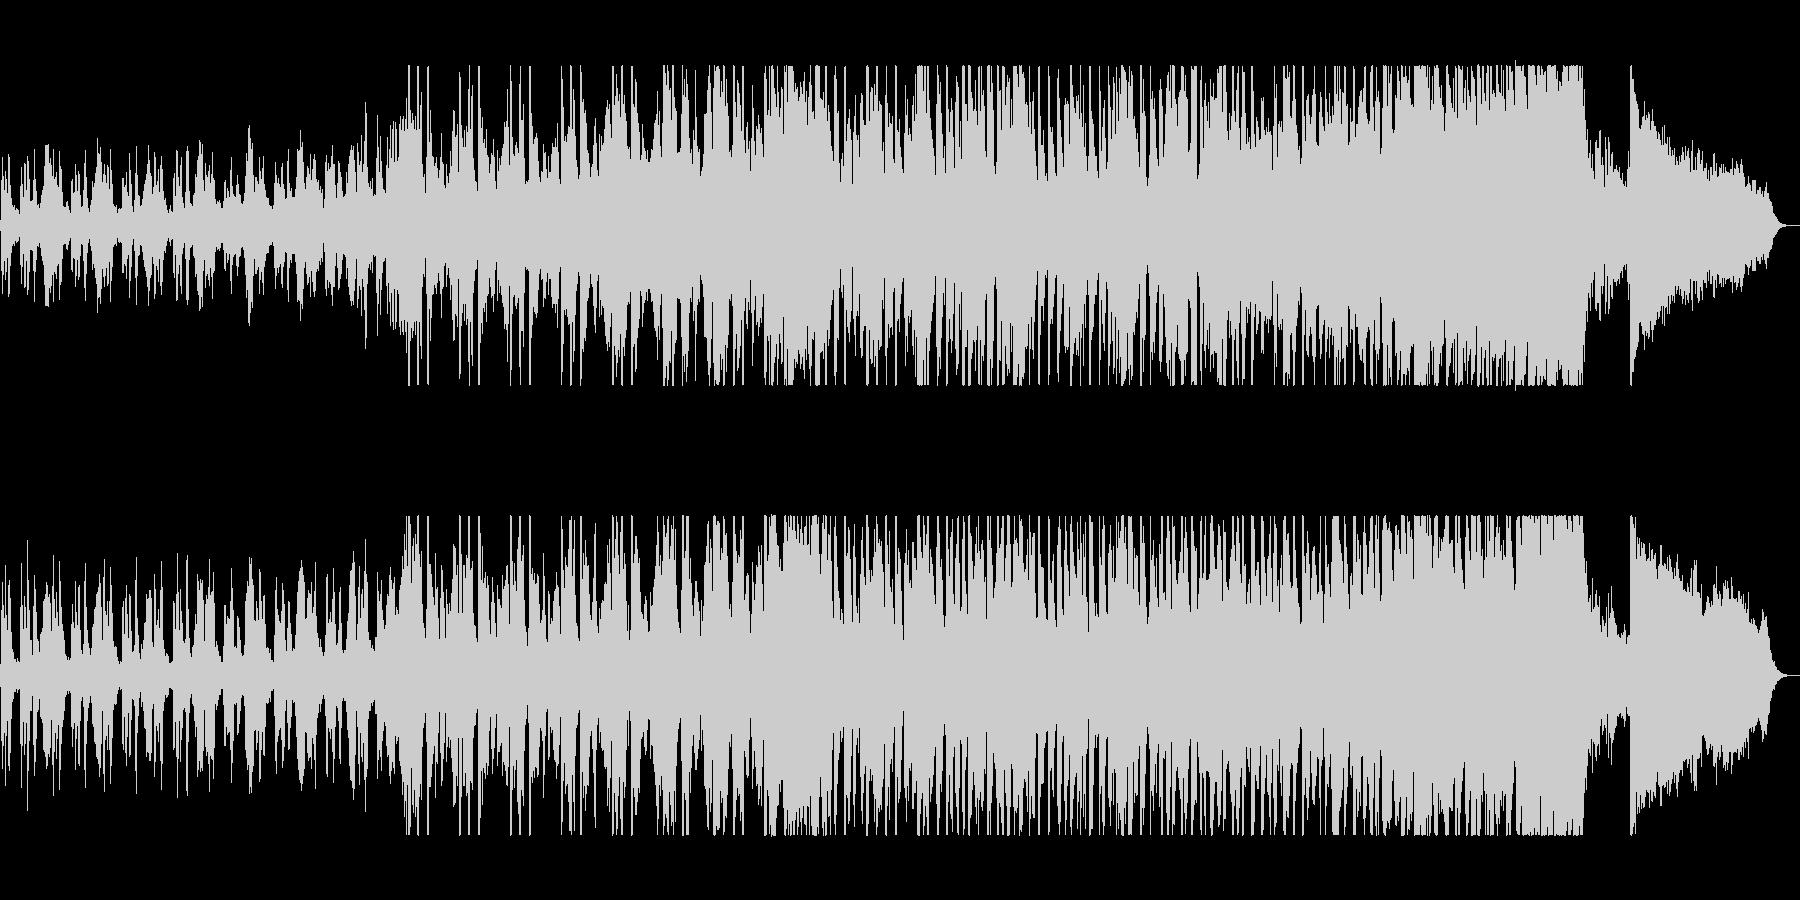 不安と希望混じりの壮大なシンセサイザー曲の未再生の波形